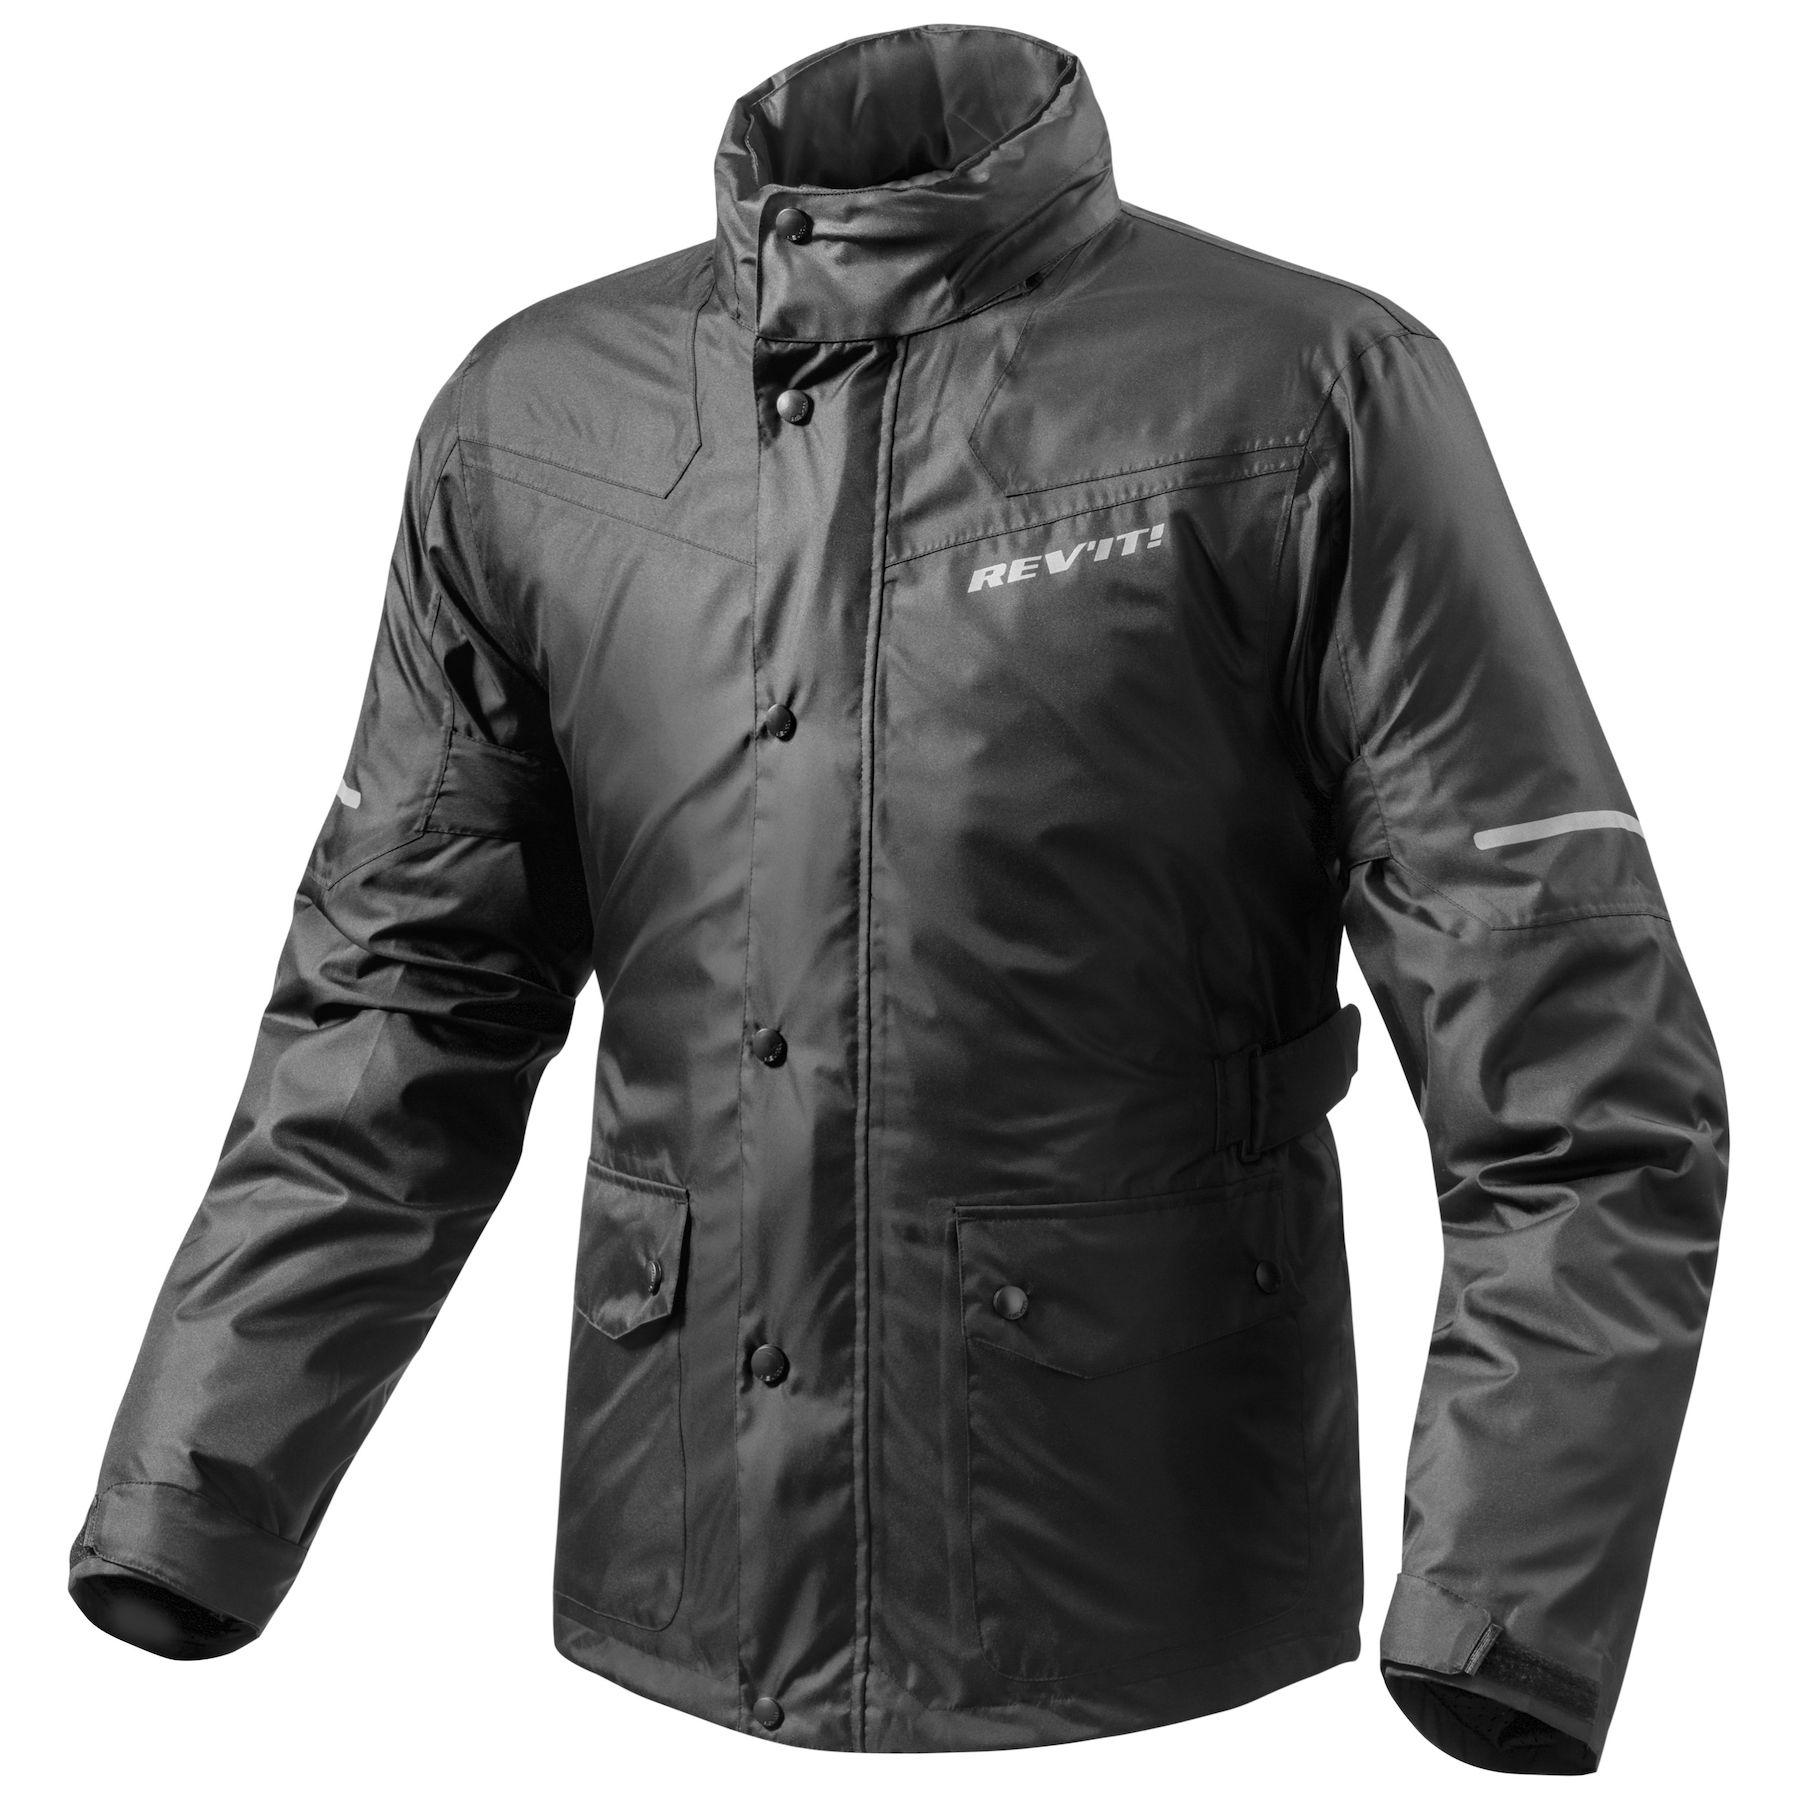 Revit Nitric 2 H2O Rain Jacket